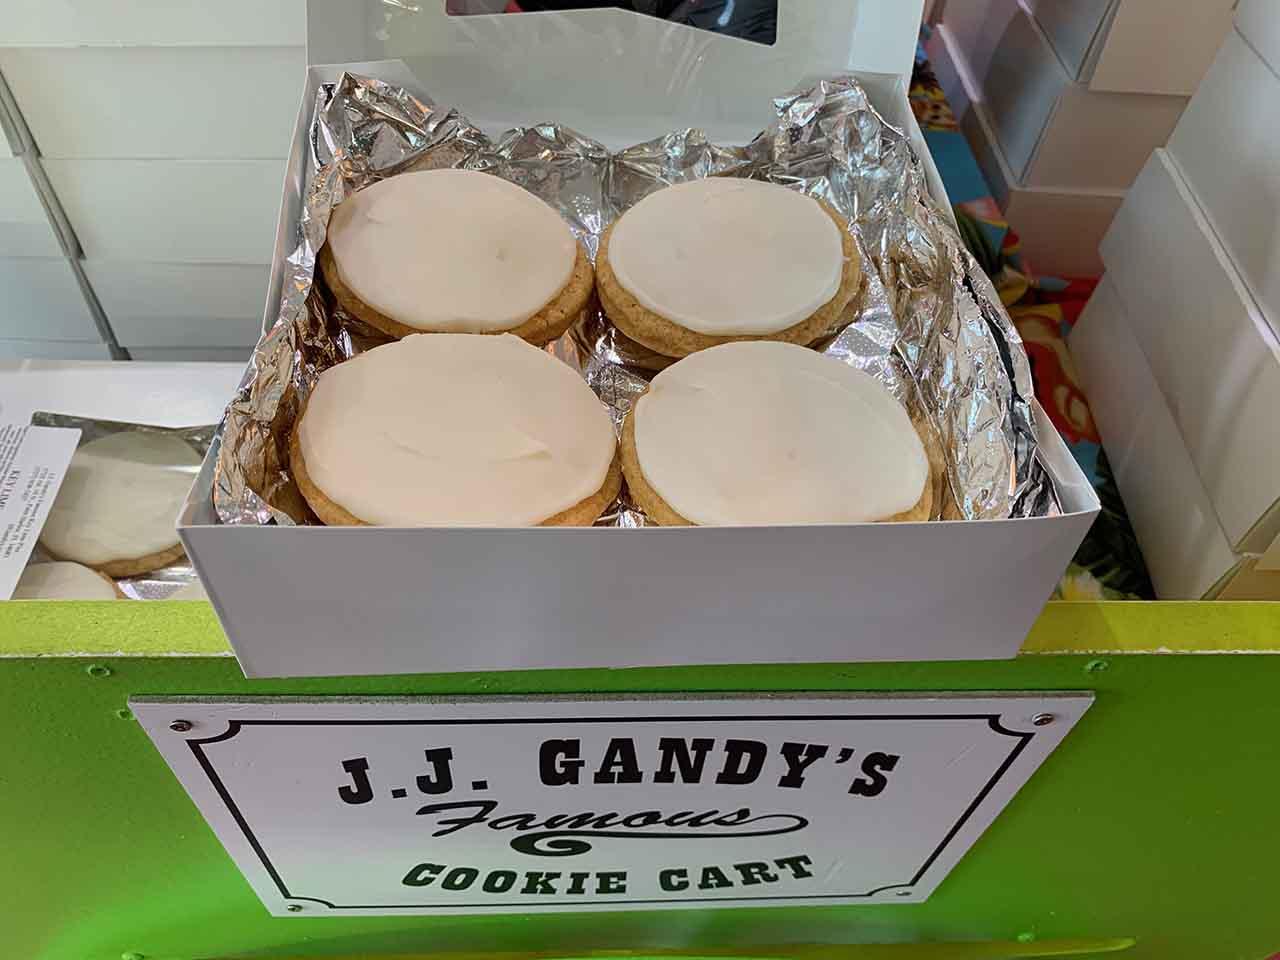 JJ Gandys Famous Key Lime Cookies